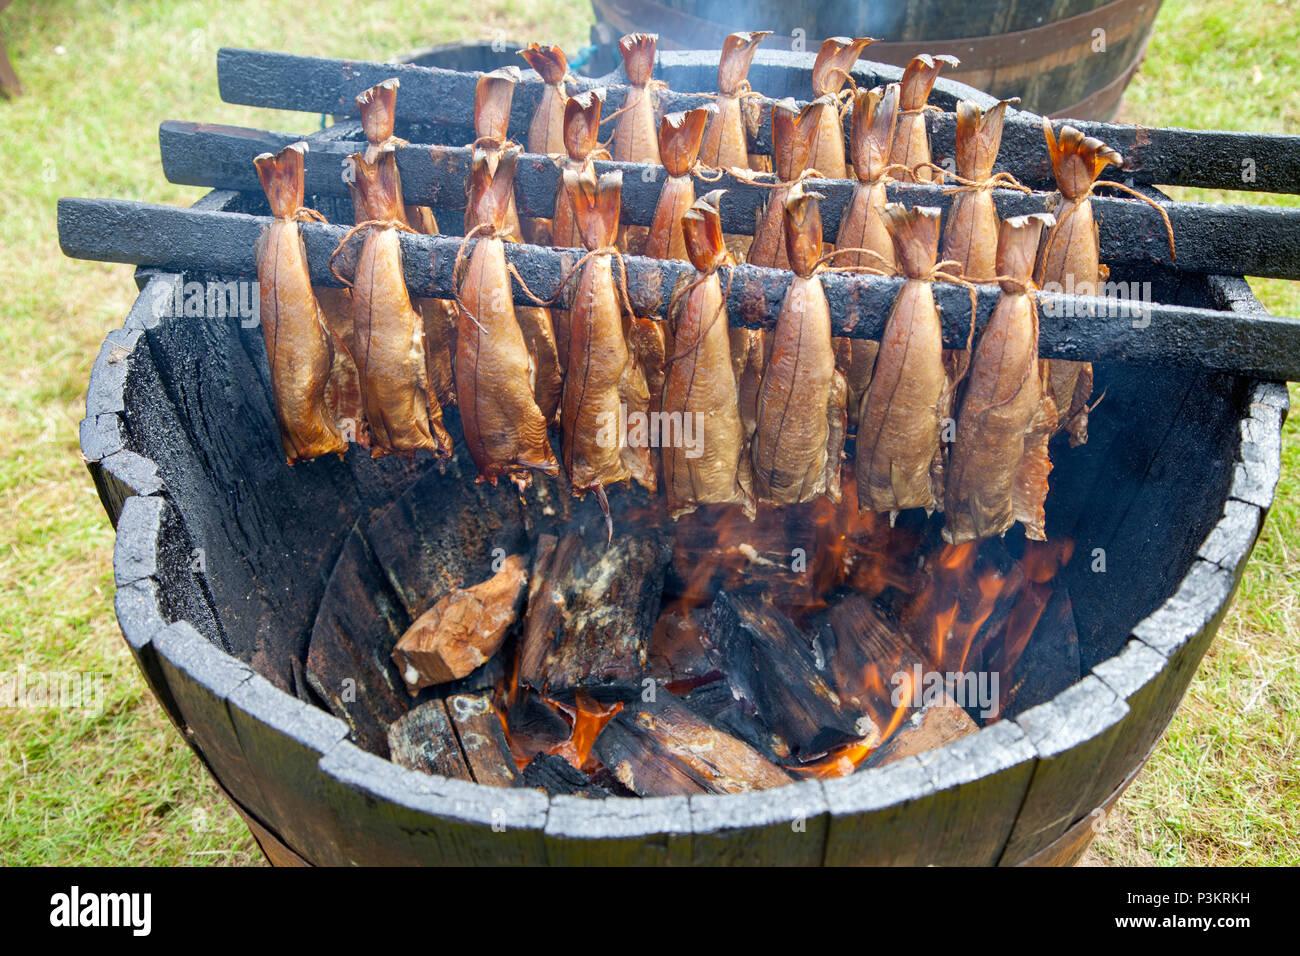 Arbroath Smokies being prepared - Stock Image